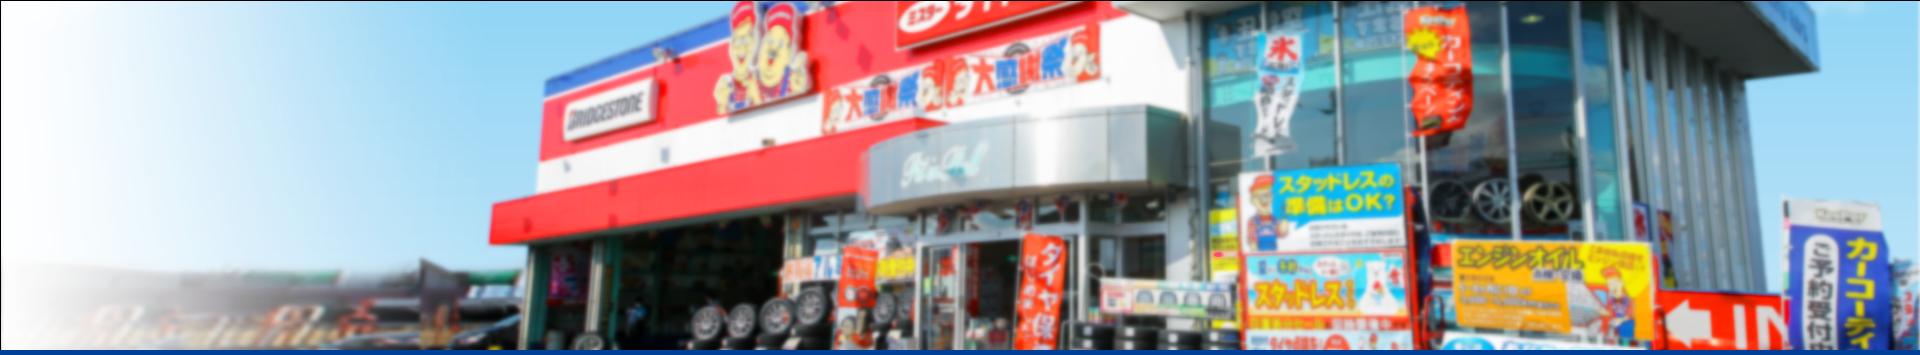 店舗情報の写真